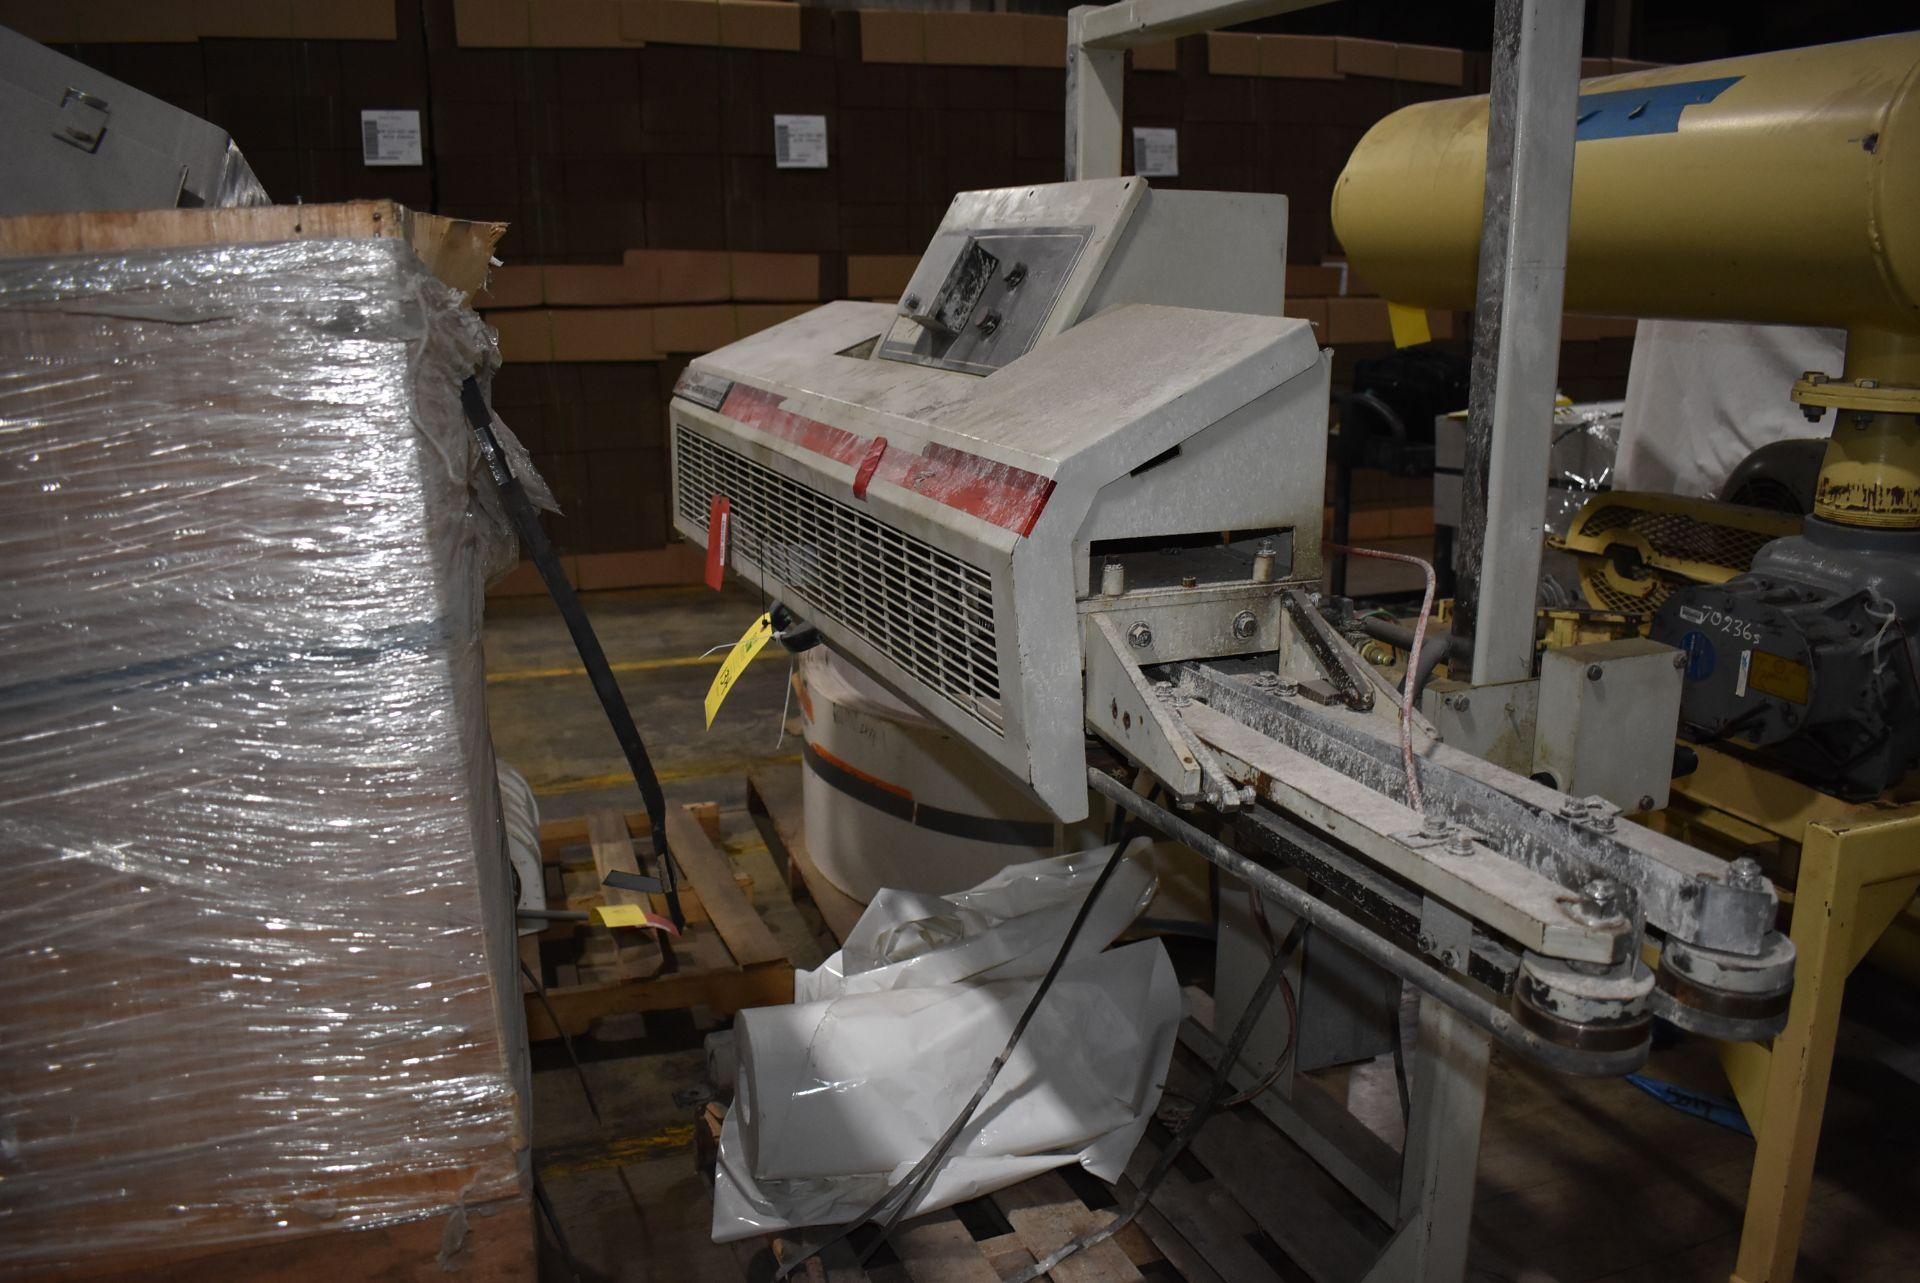 Bemis Model #4600 Packaging Machine - Image 3 of 3